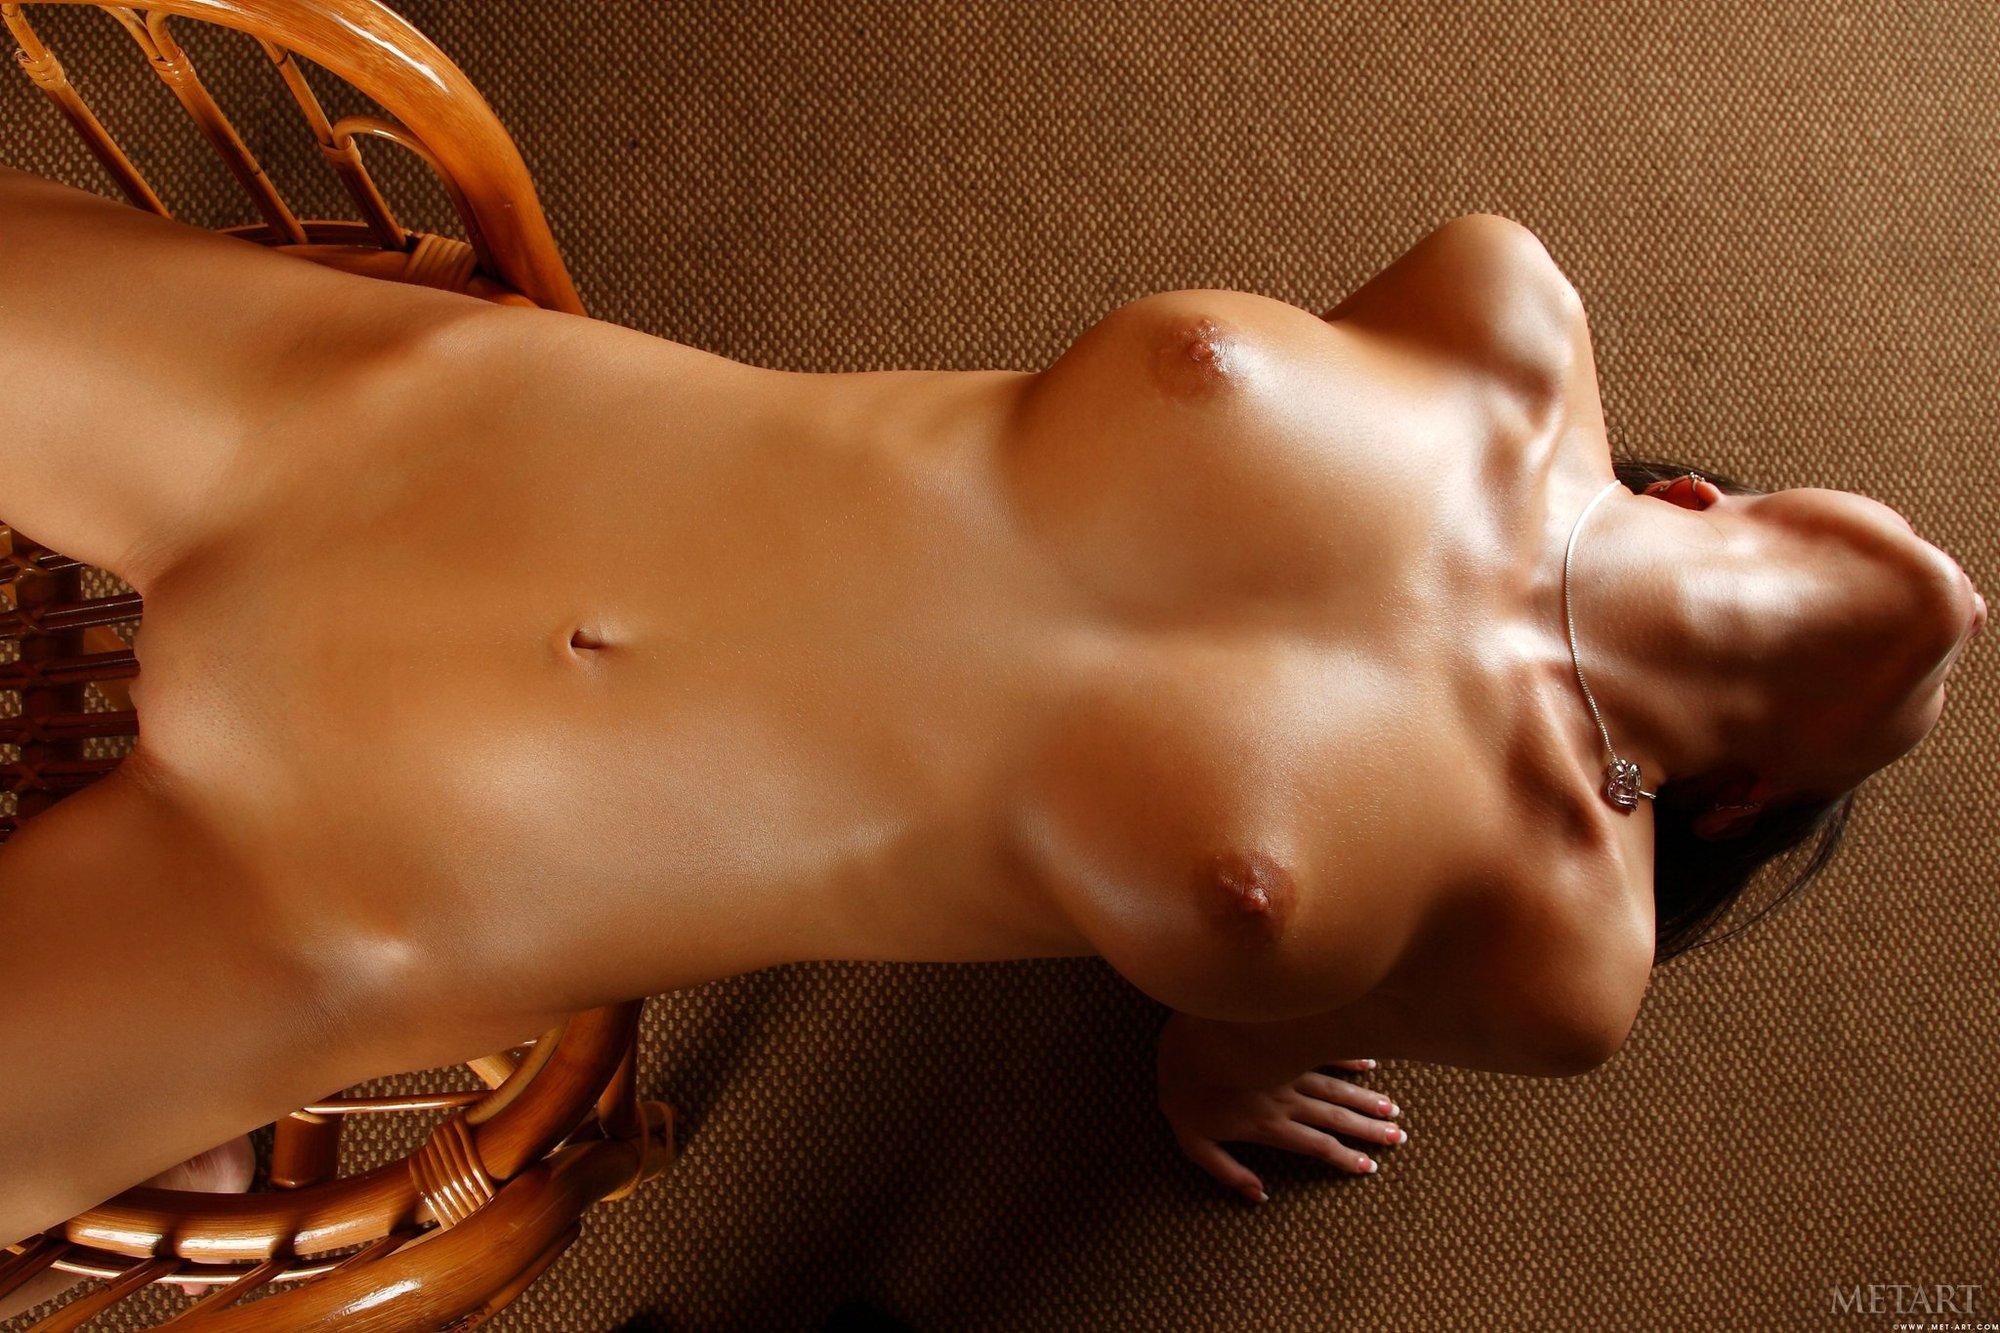 Только стало красивое голое женское тело видео хотела